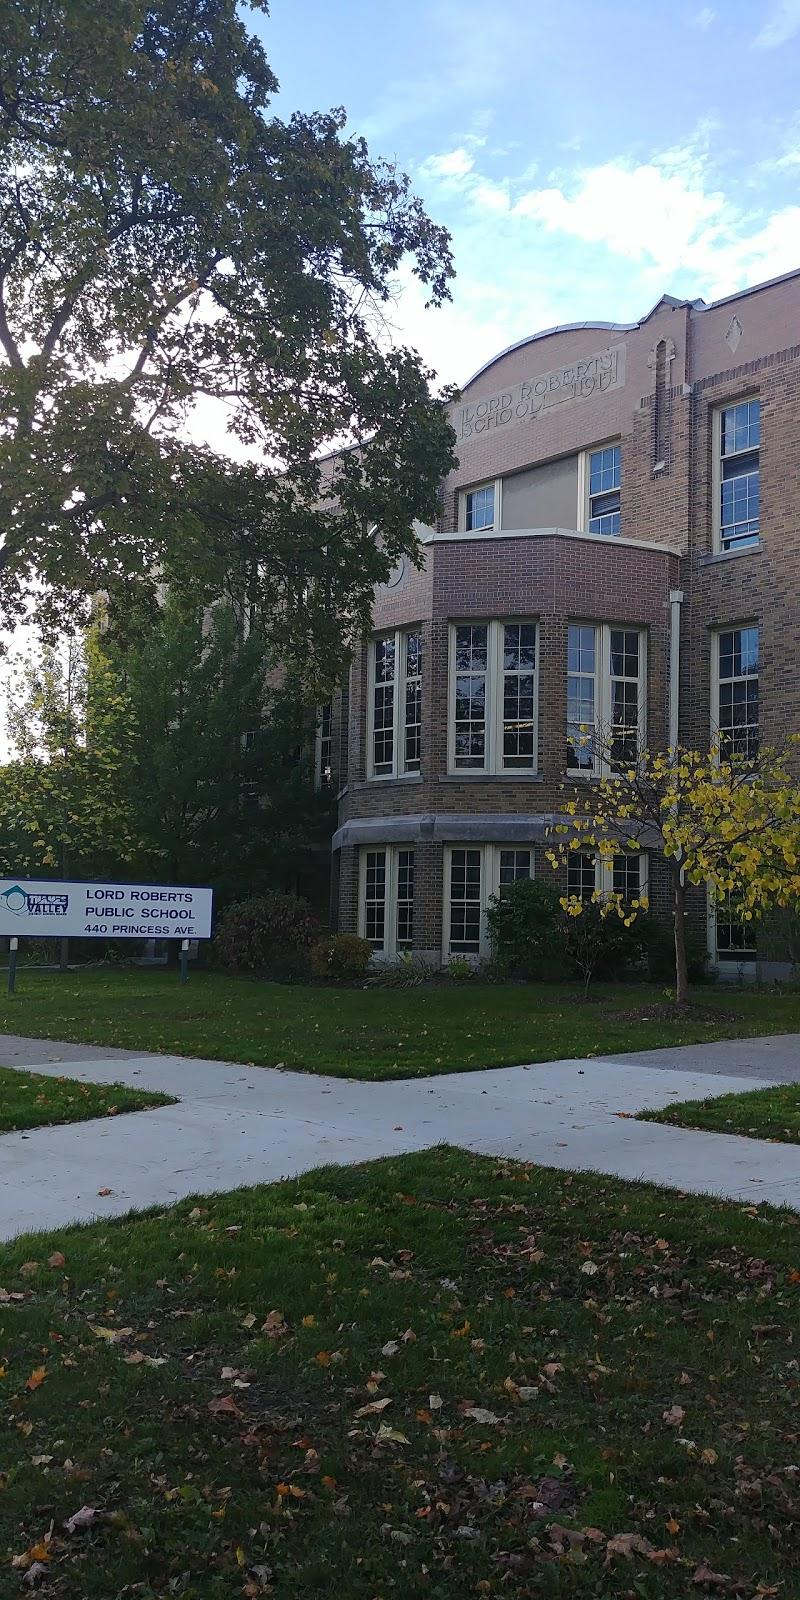 Lord Roberts Public School | school | 440 Princess Ave, London, ON N6B 2B3, Canada | 5194528330 OR +1 519-452-8330